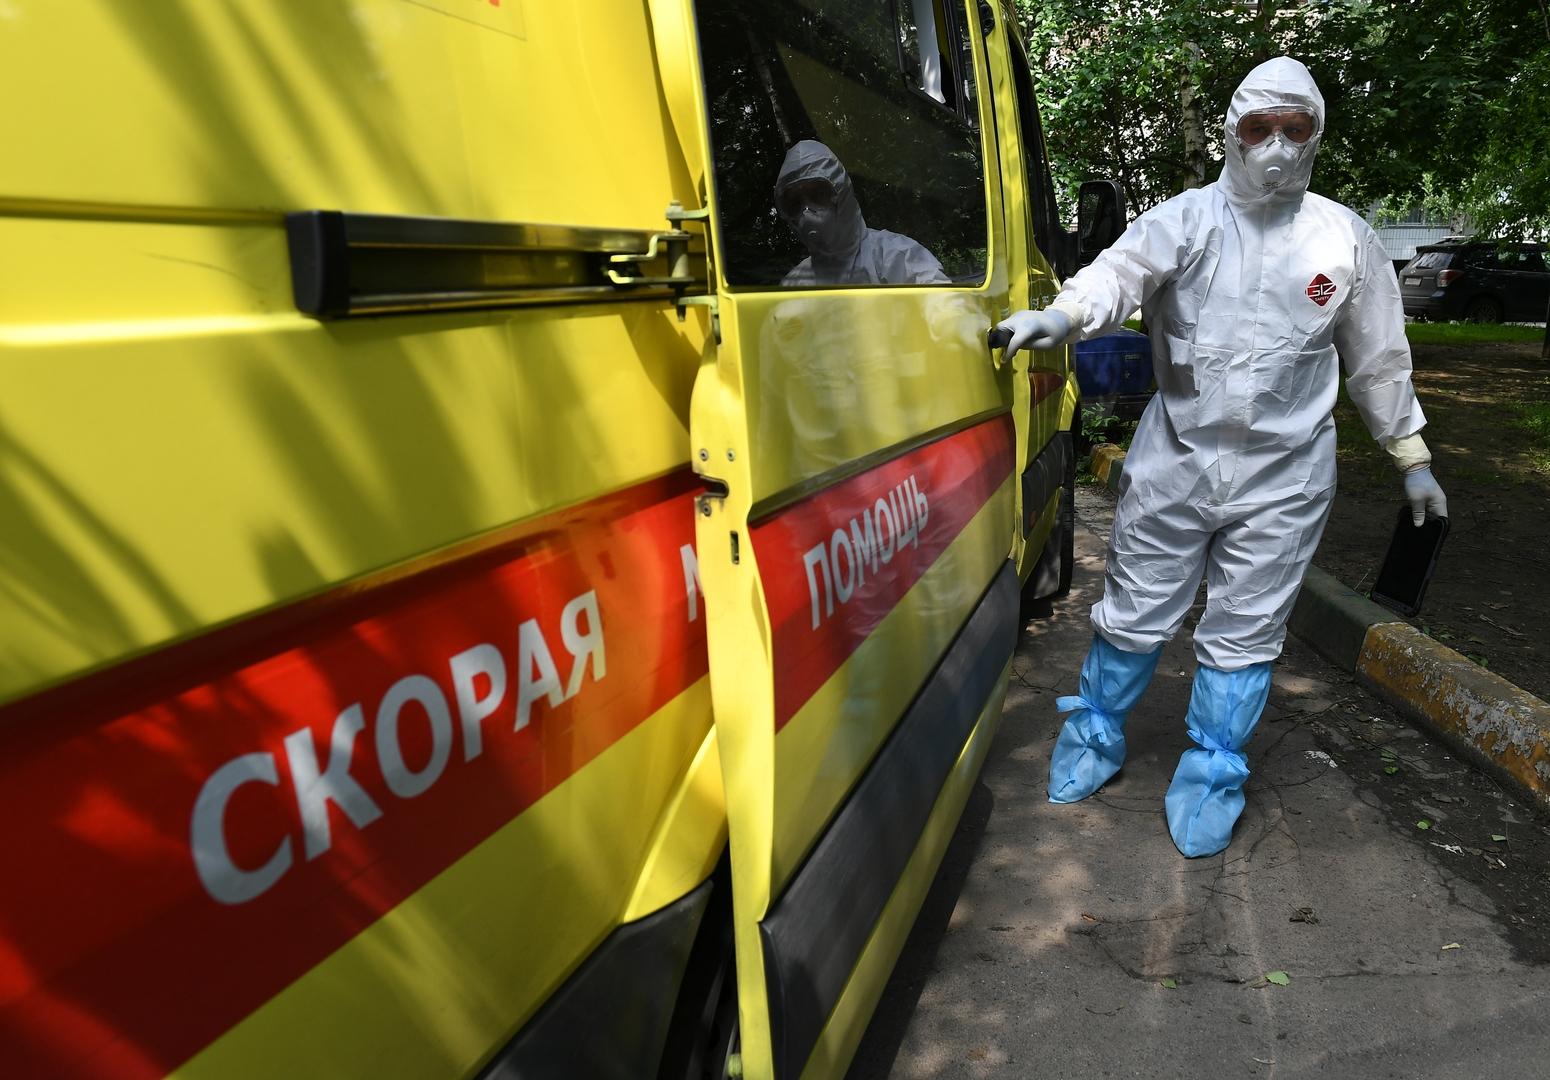 لليوم الثاني.. ارتفاع حاد في الوفيات بكورونا في روسيا وحالات الشفاء الجديدة تتخطى الإصابات